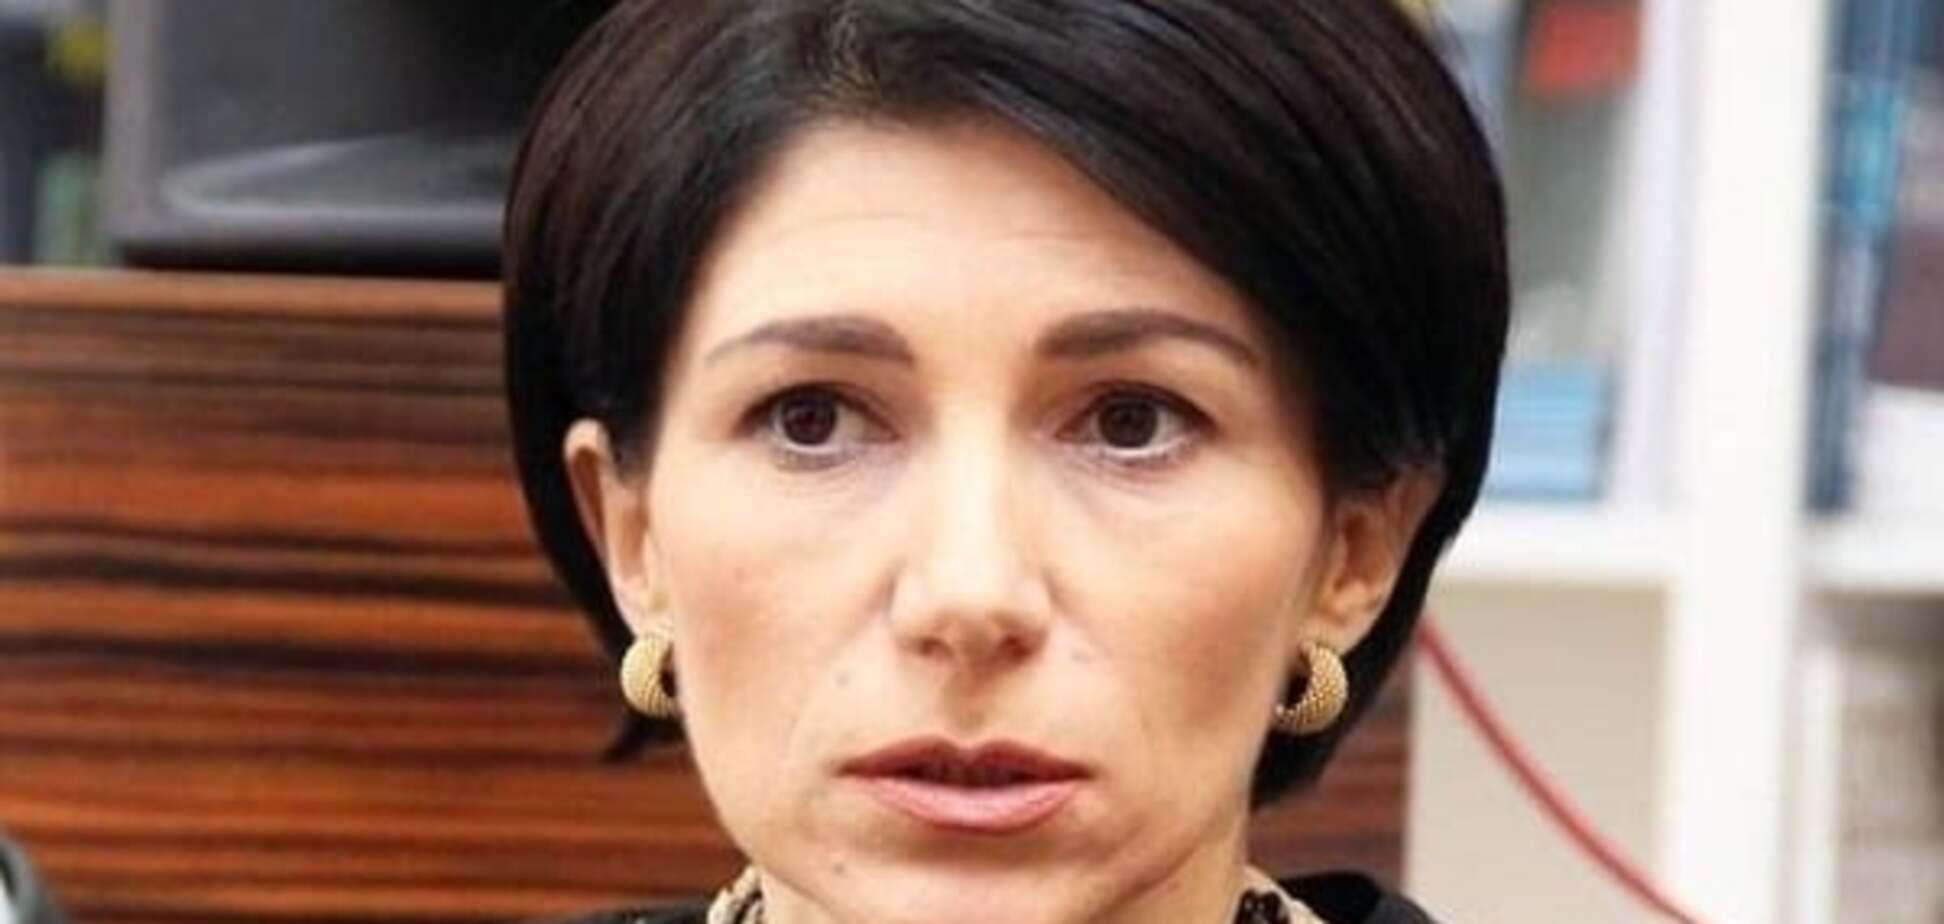 Скандальною дисертацією дружини міністра займеться Міносвіти - Квіт